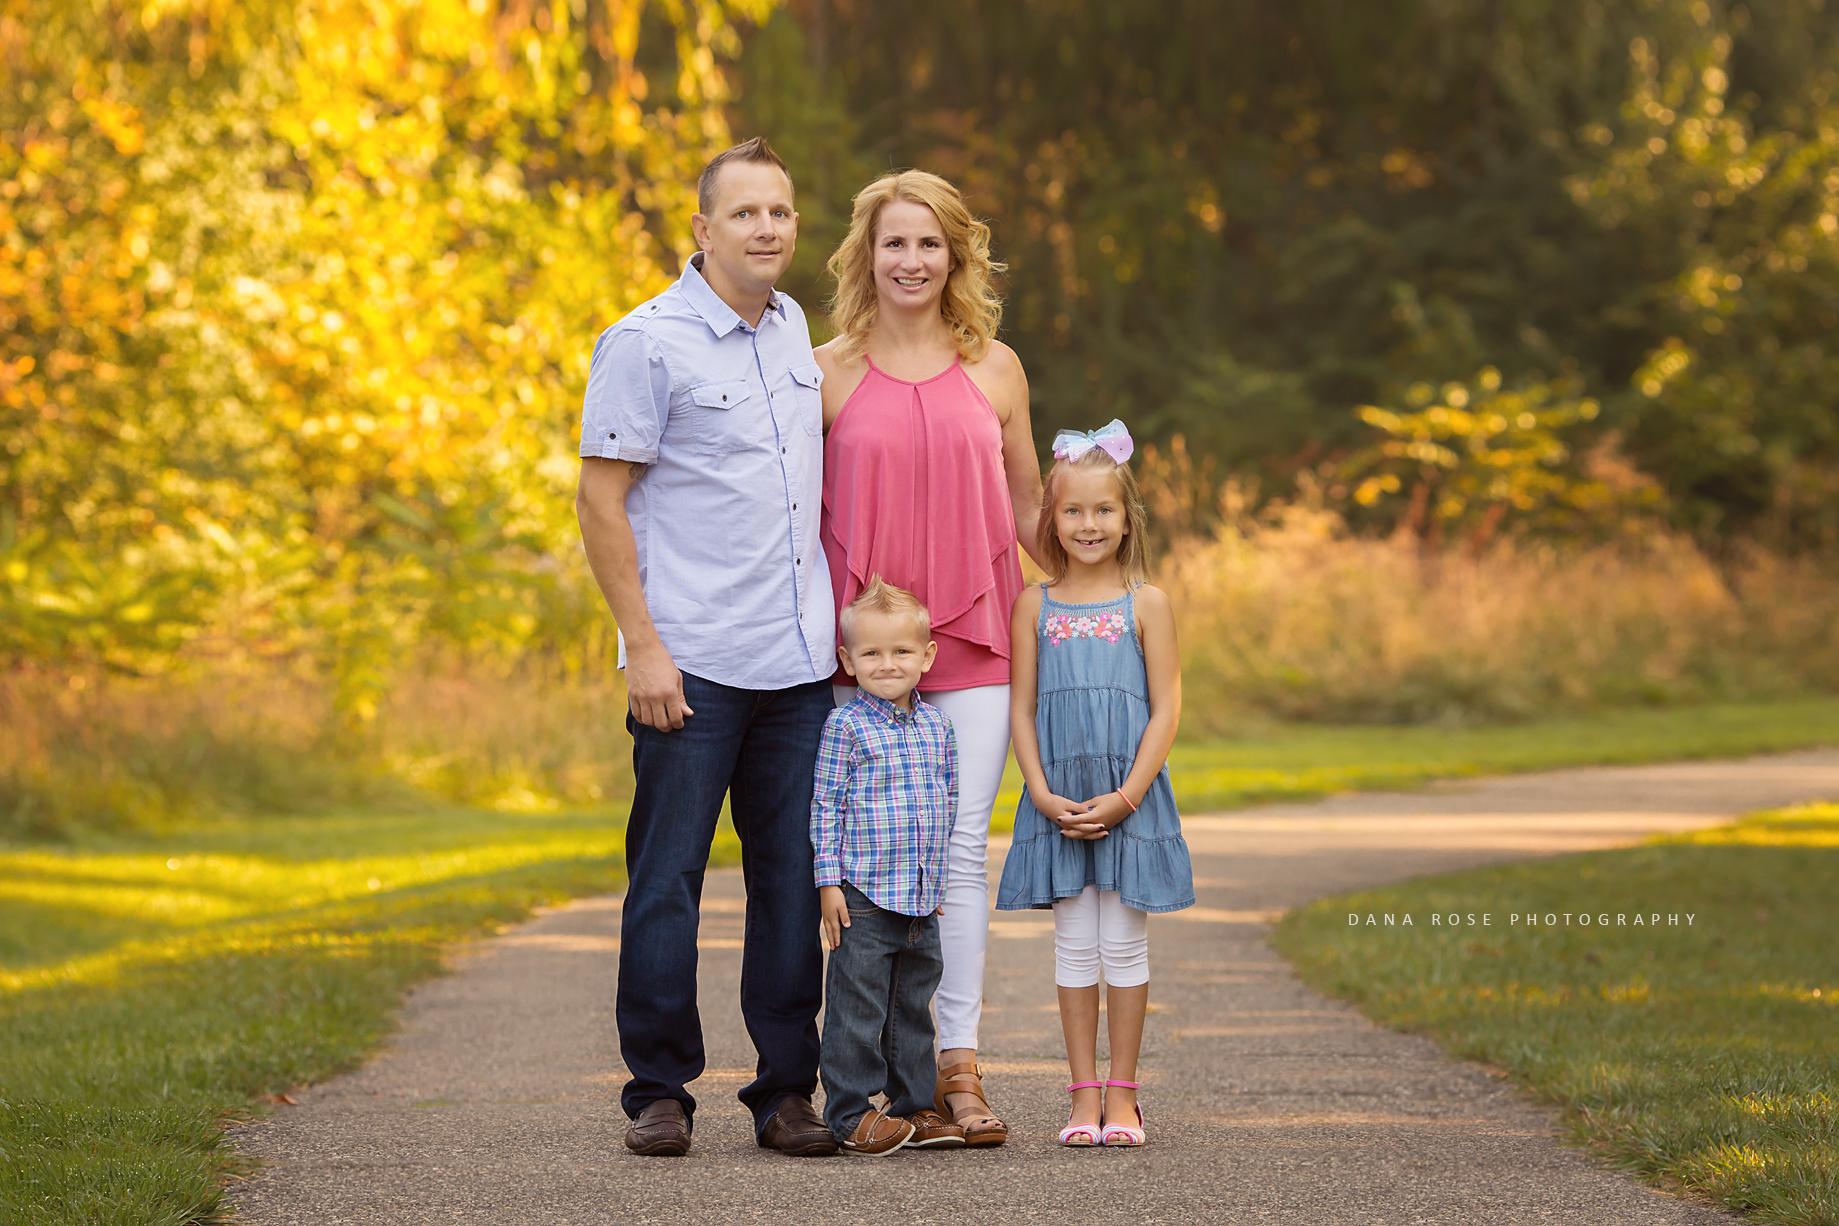 Dana Rose Photography Family